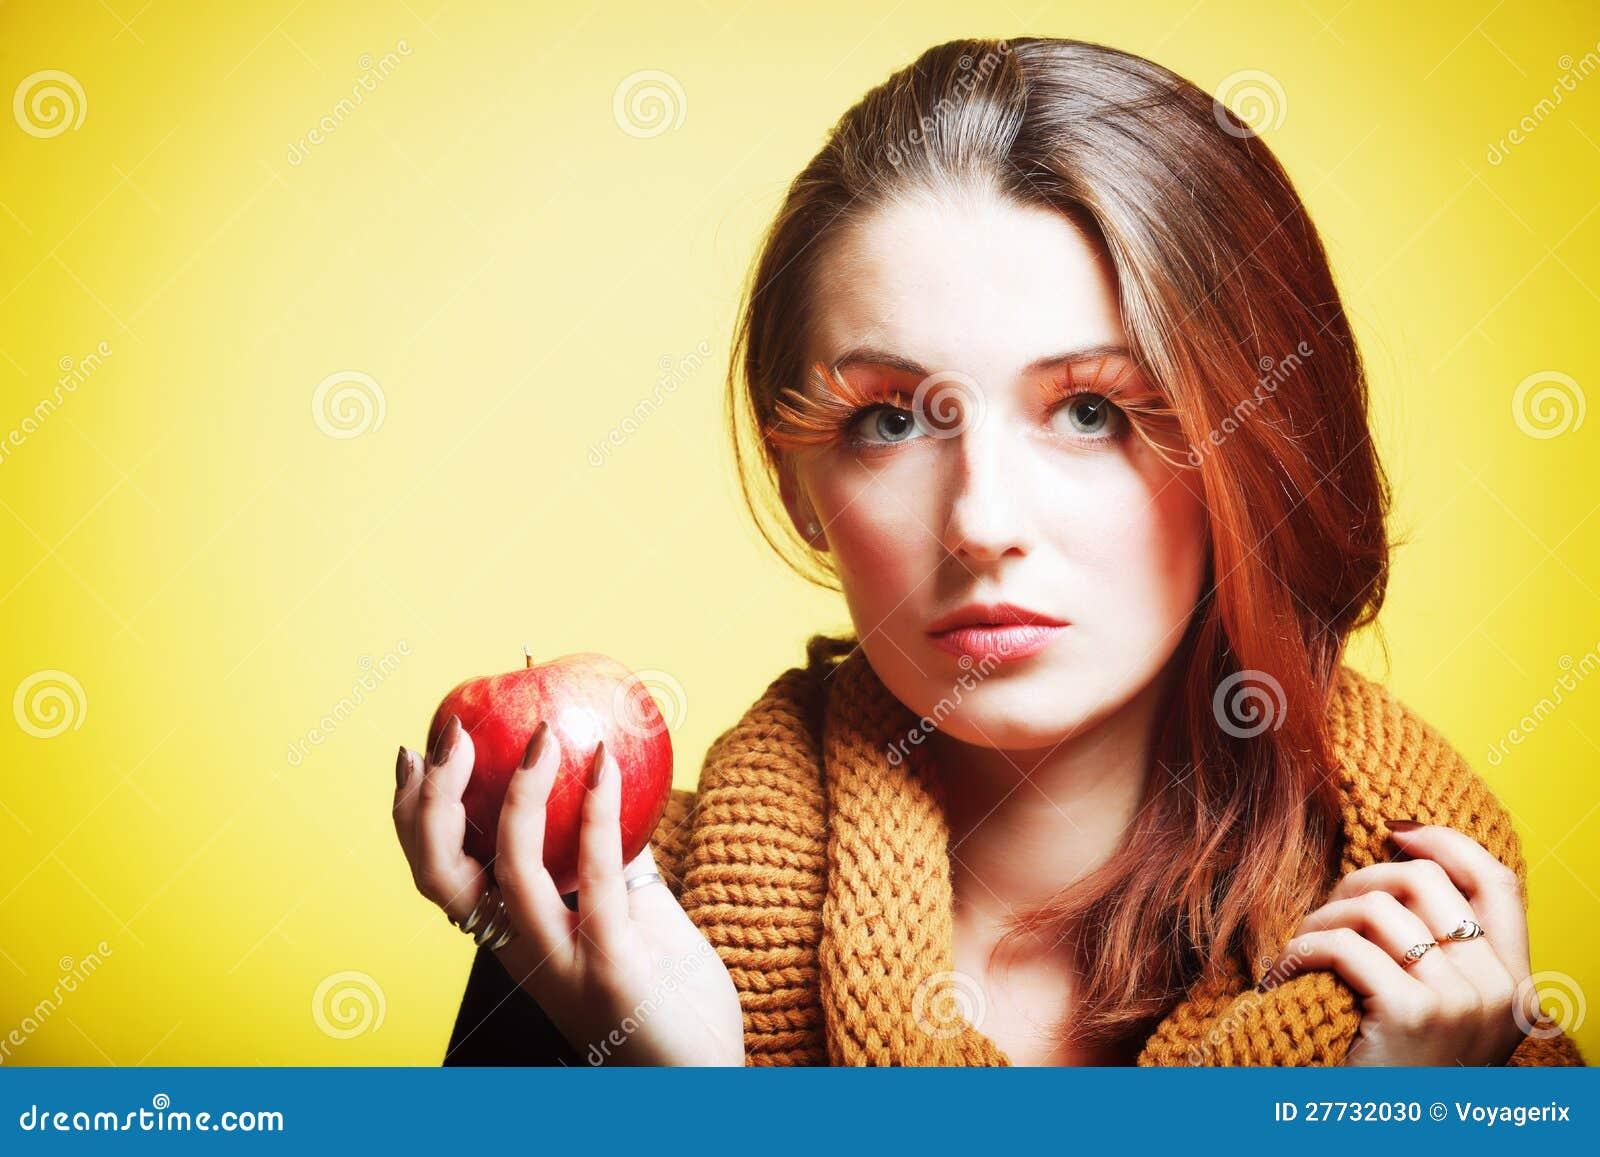 Mädchen-Zauber Augepeitschen des roten Apfels der Herbstfrau neue